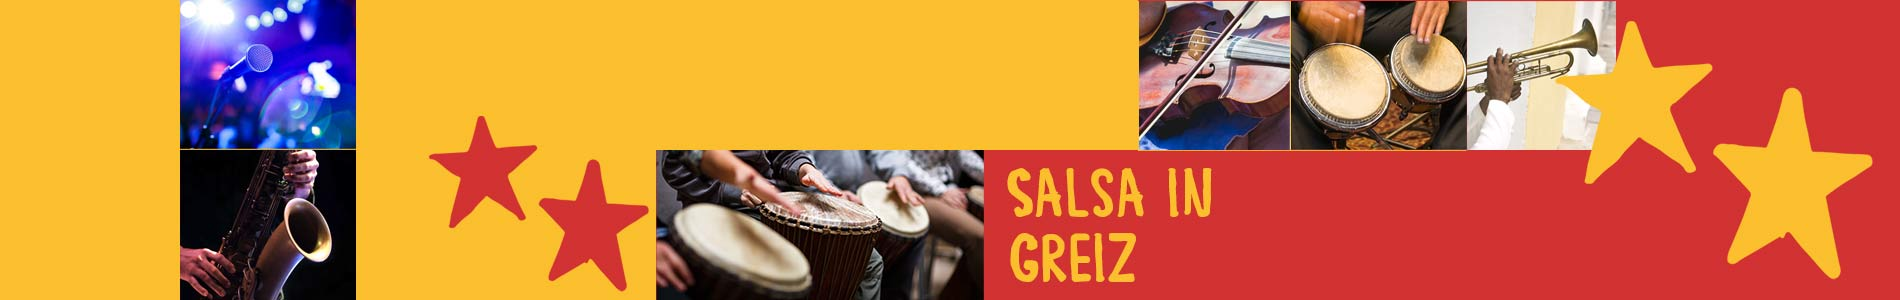 Salsa in Greiz – Salsa lernen und tanzen, Tanzkurse, Partys, Veranstaltungen